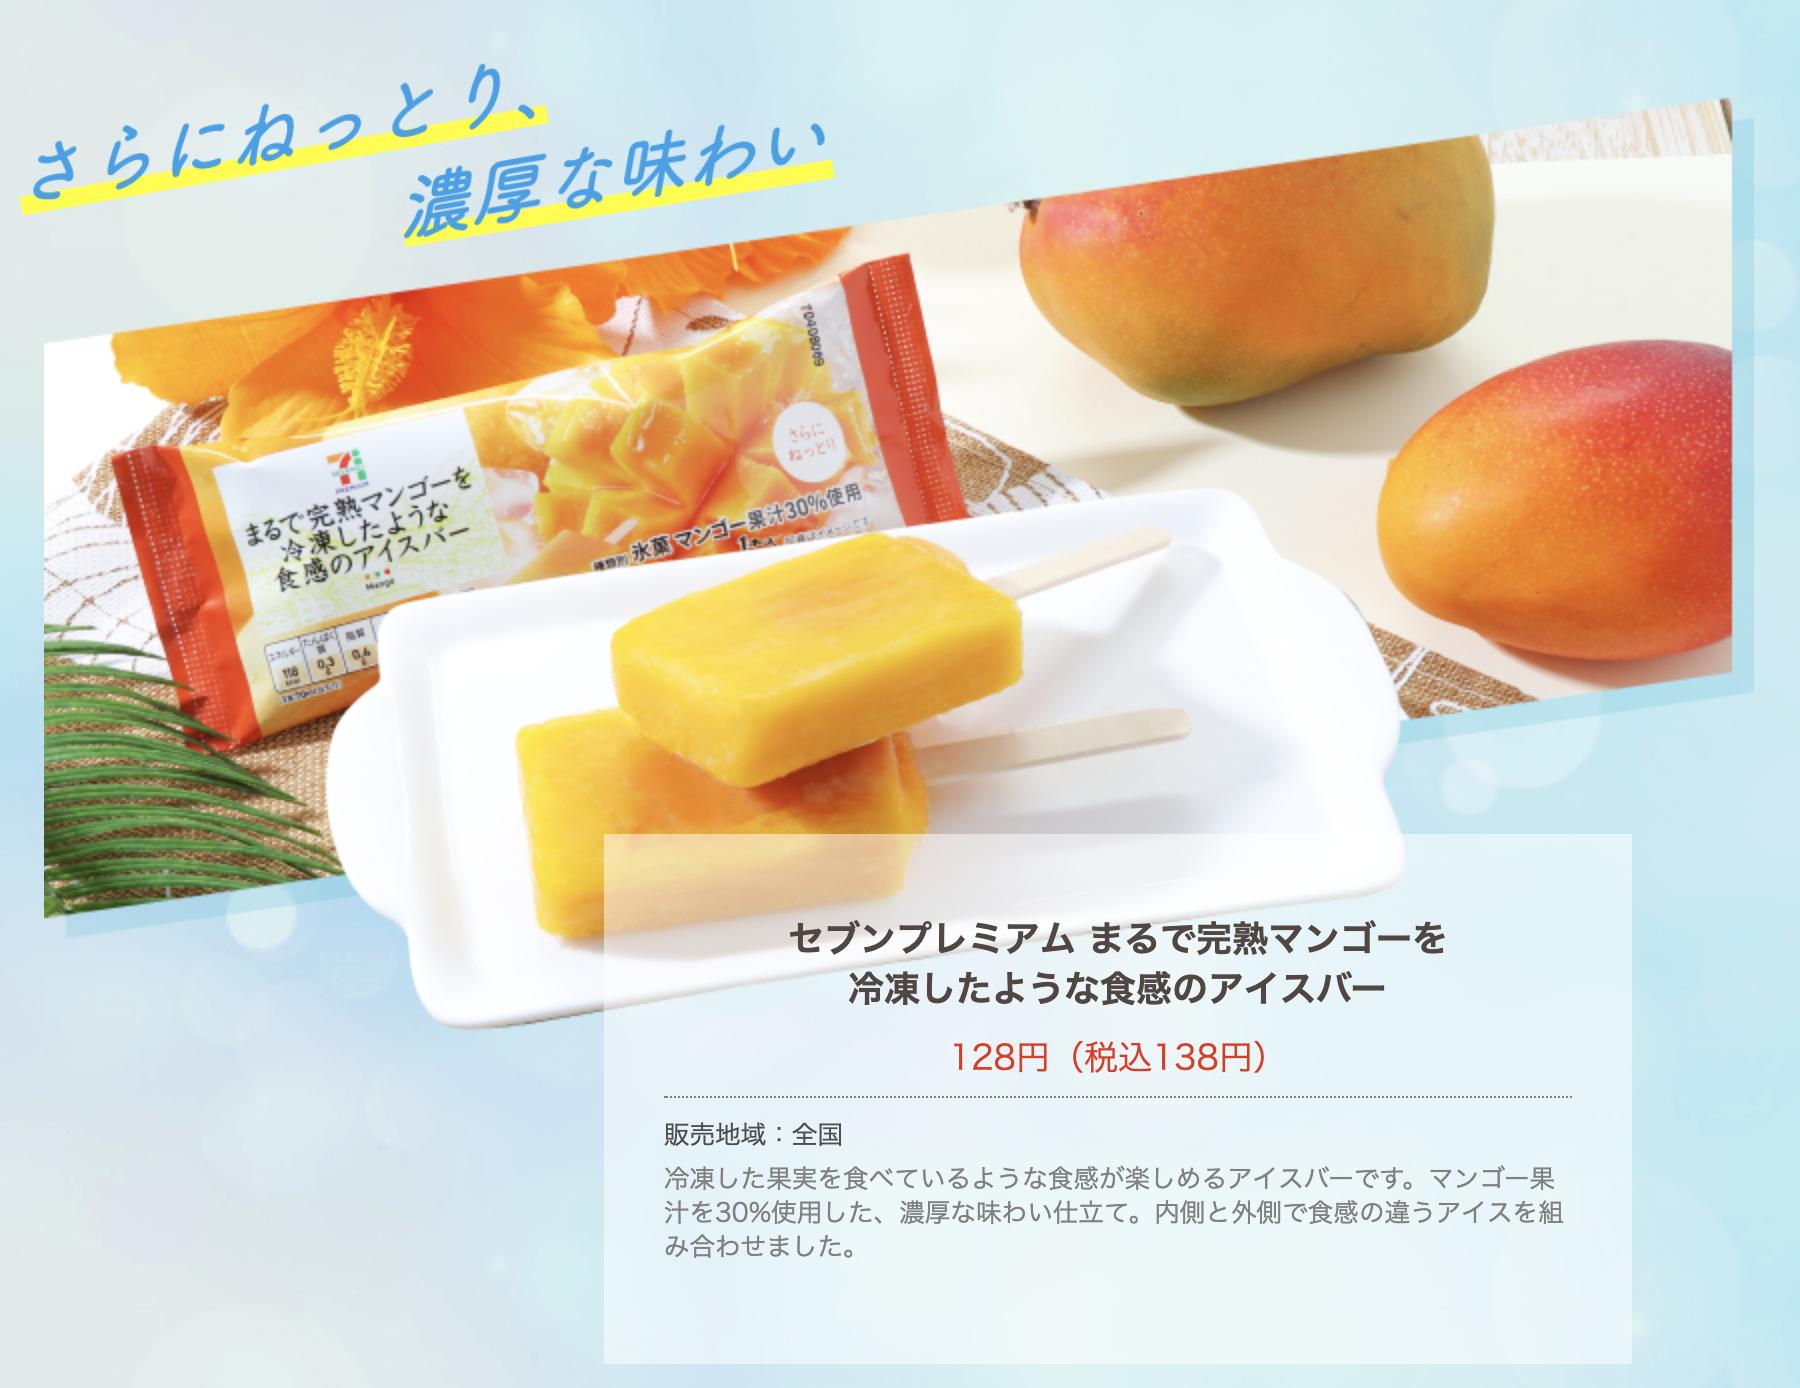 セブン夏アイスの完熟マンゴーの味とカロリーは?販売時期と値段も調査!